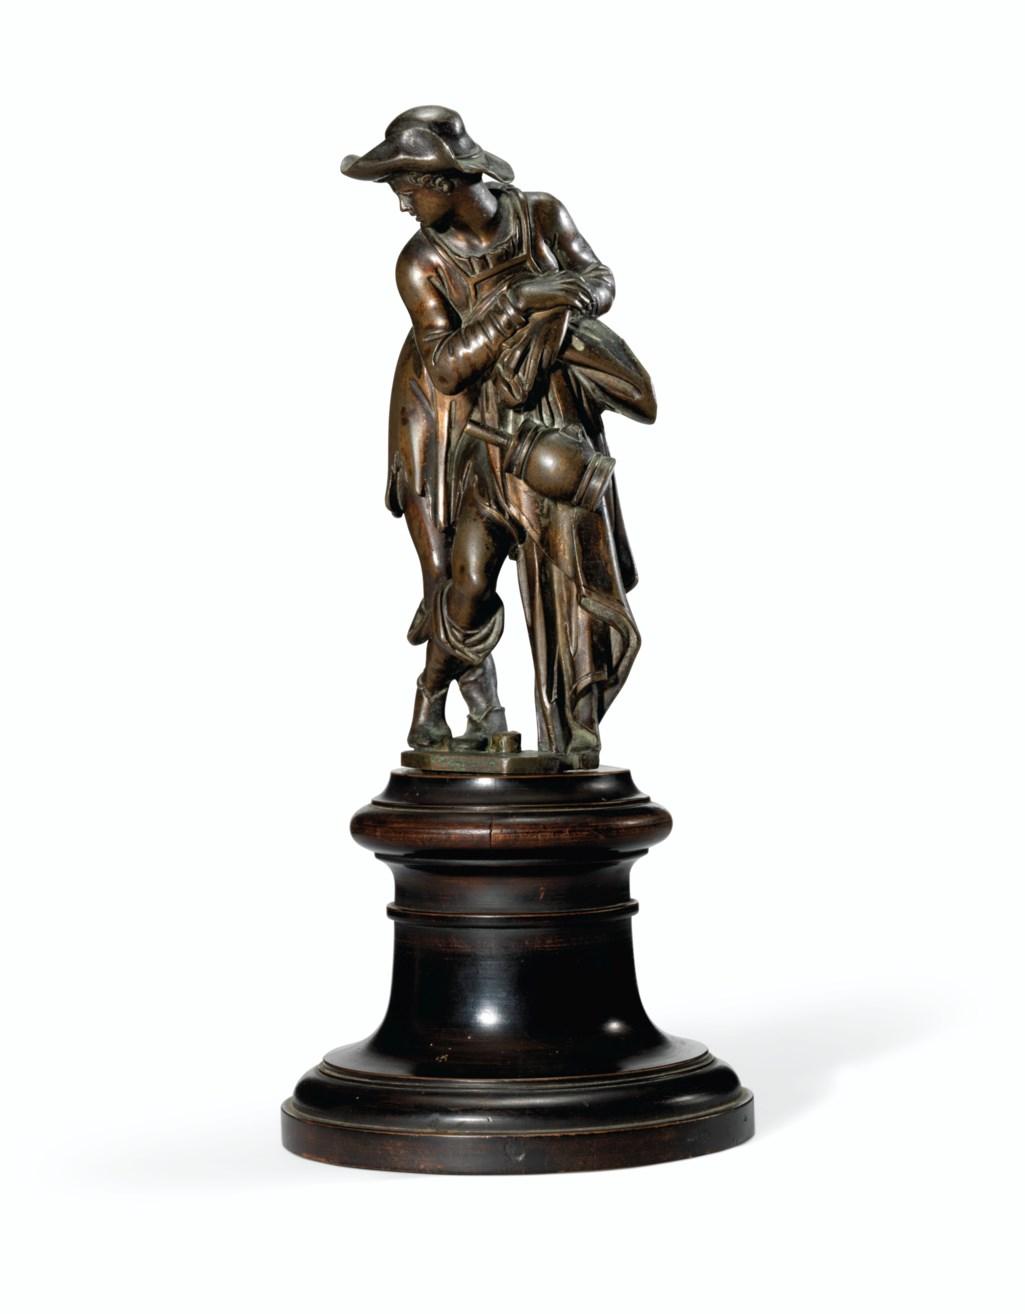 ANTONIO SUSINI (FL. 1580-1624 FLORENCE), AFTER A MODEL BY GIAMBOLOGNA, CIRCA 1600-1620